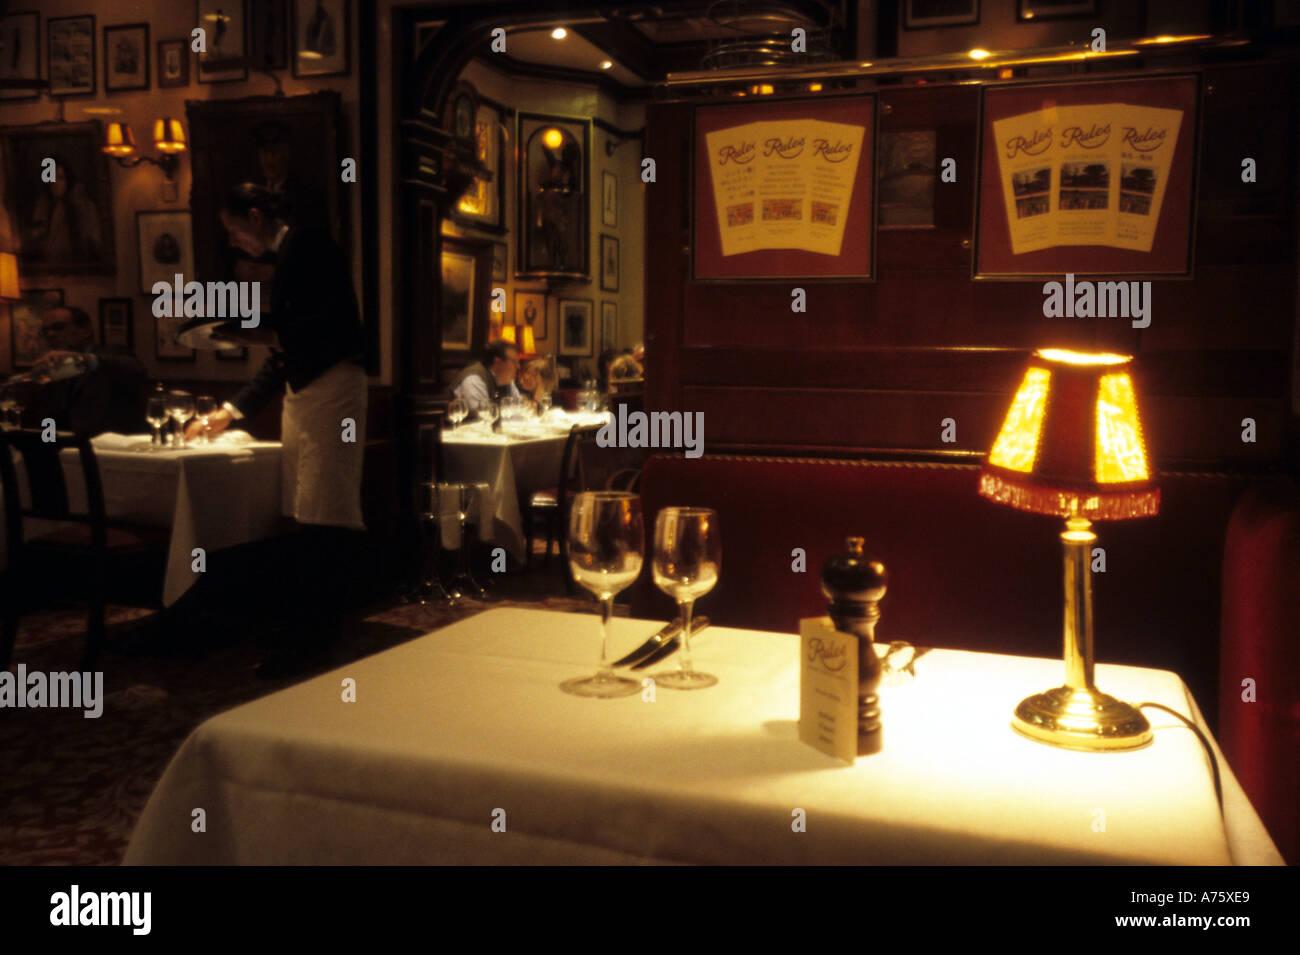 table setting Rules restaurant maiden lane covent garden london UK ...